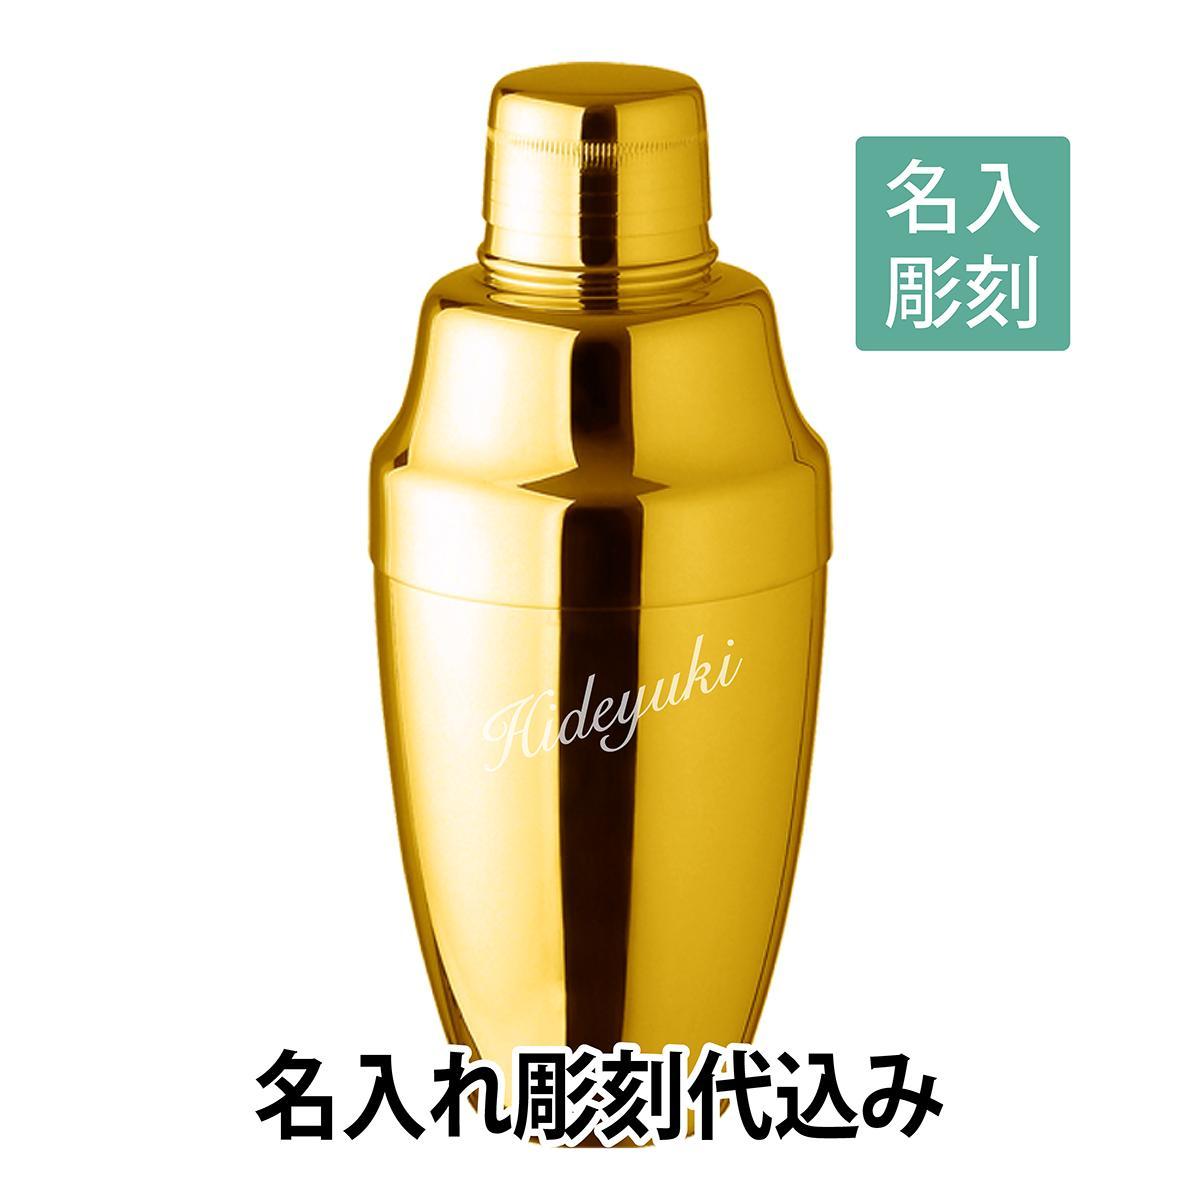 【名入れ彫刻】YUKIWA カクテルシェーカー ゴールド 230ml 【日本製】